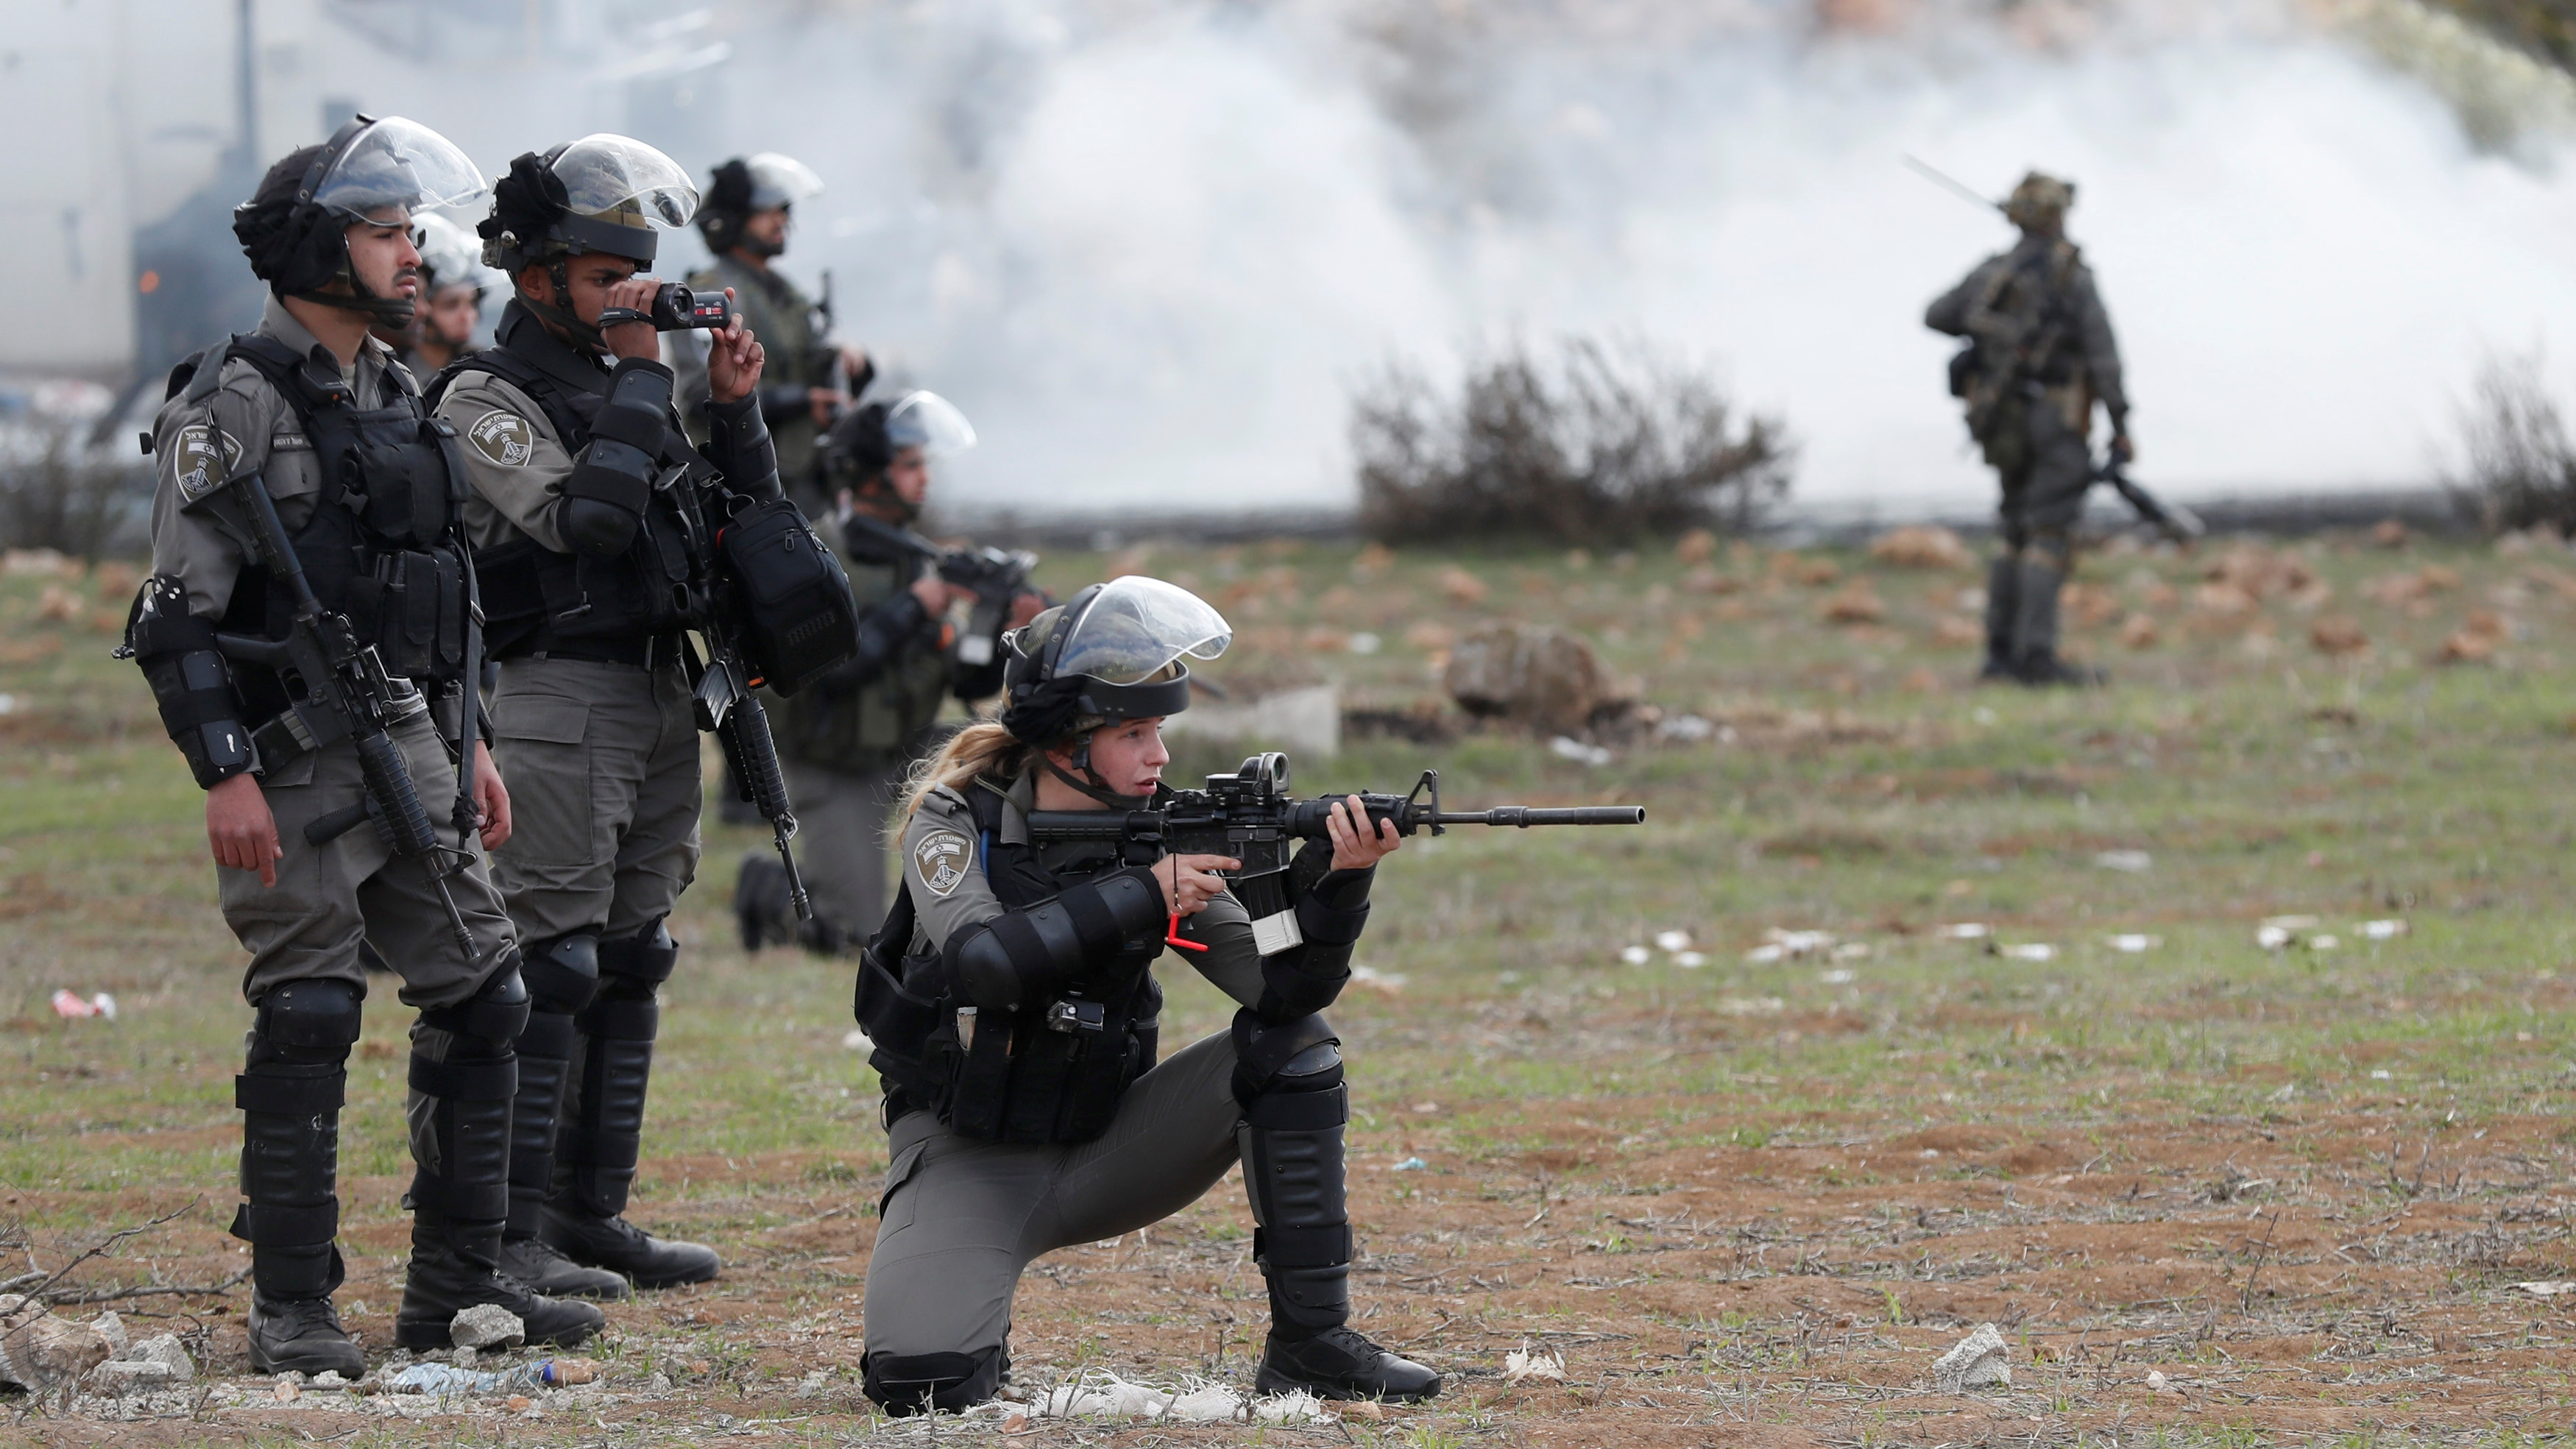 Joven palestino apuñala y mata a ciudadano estadounidense judío